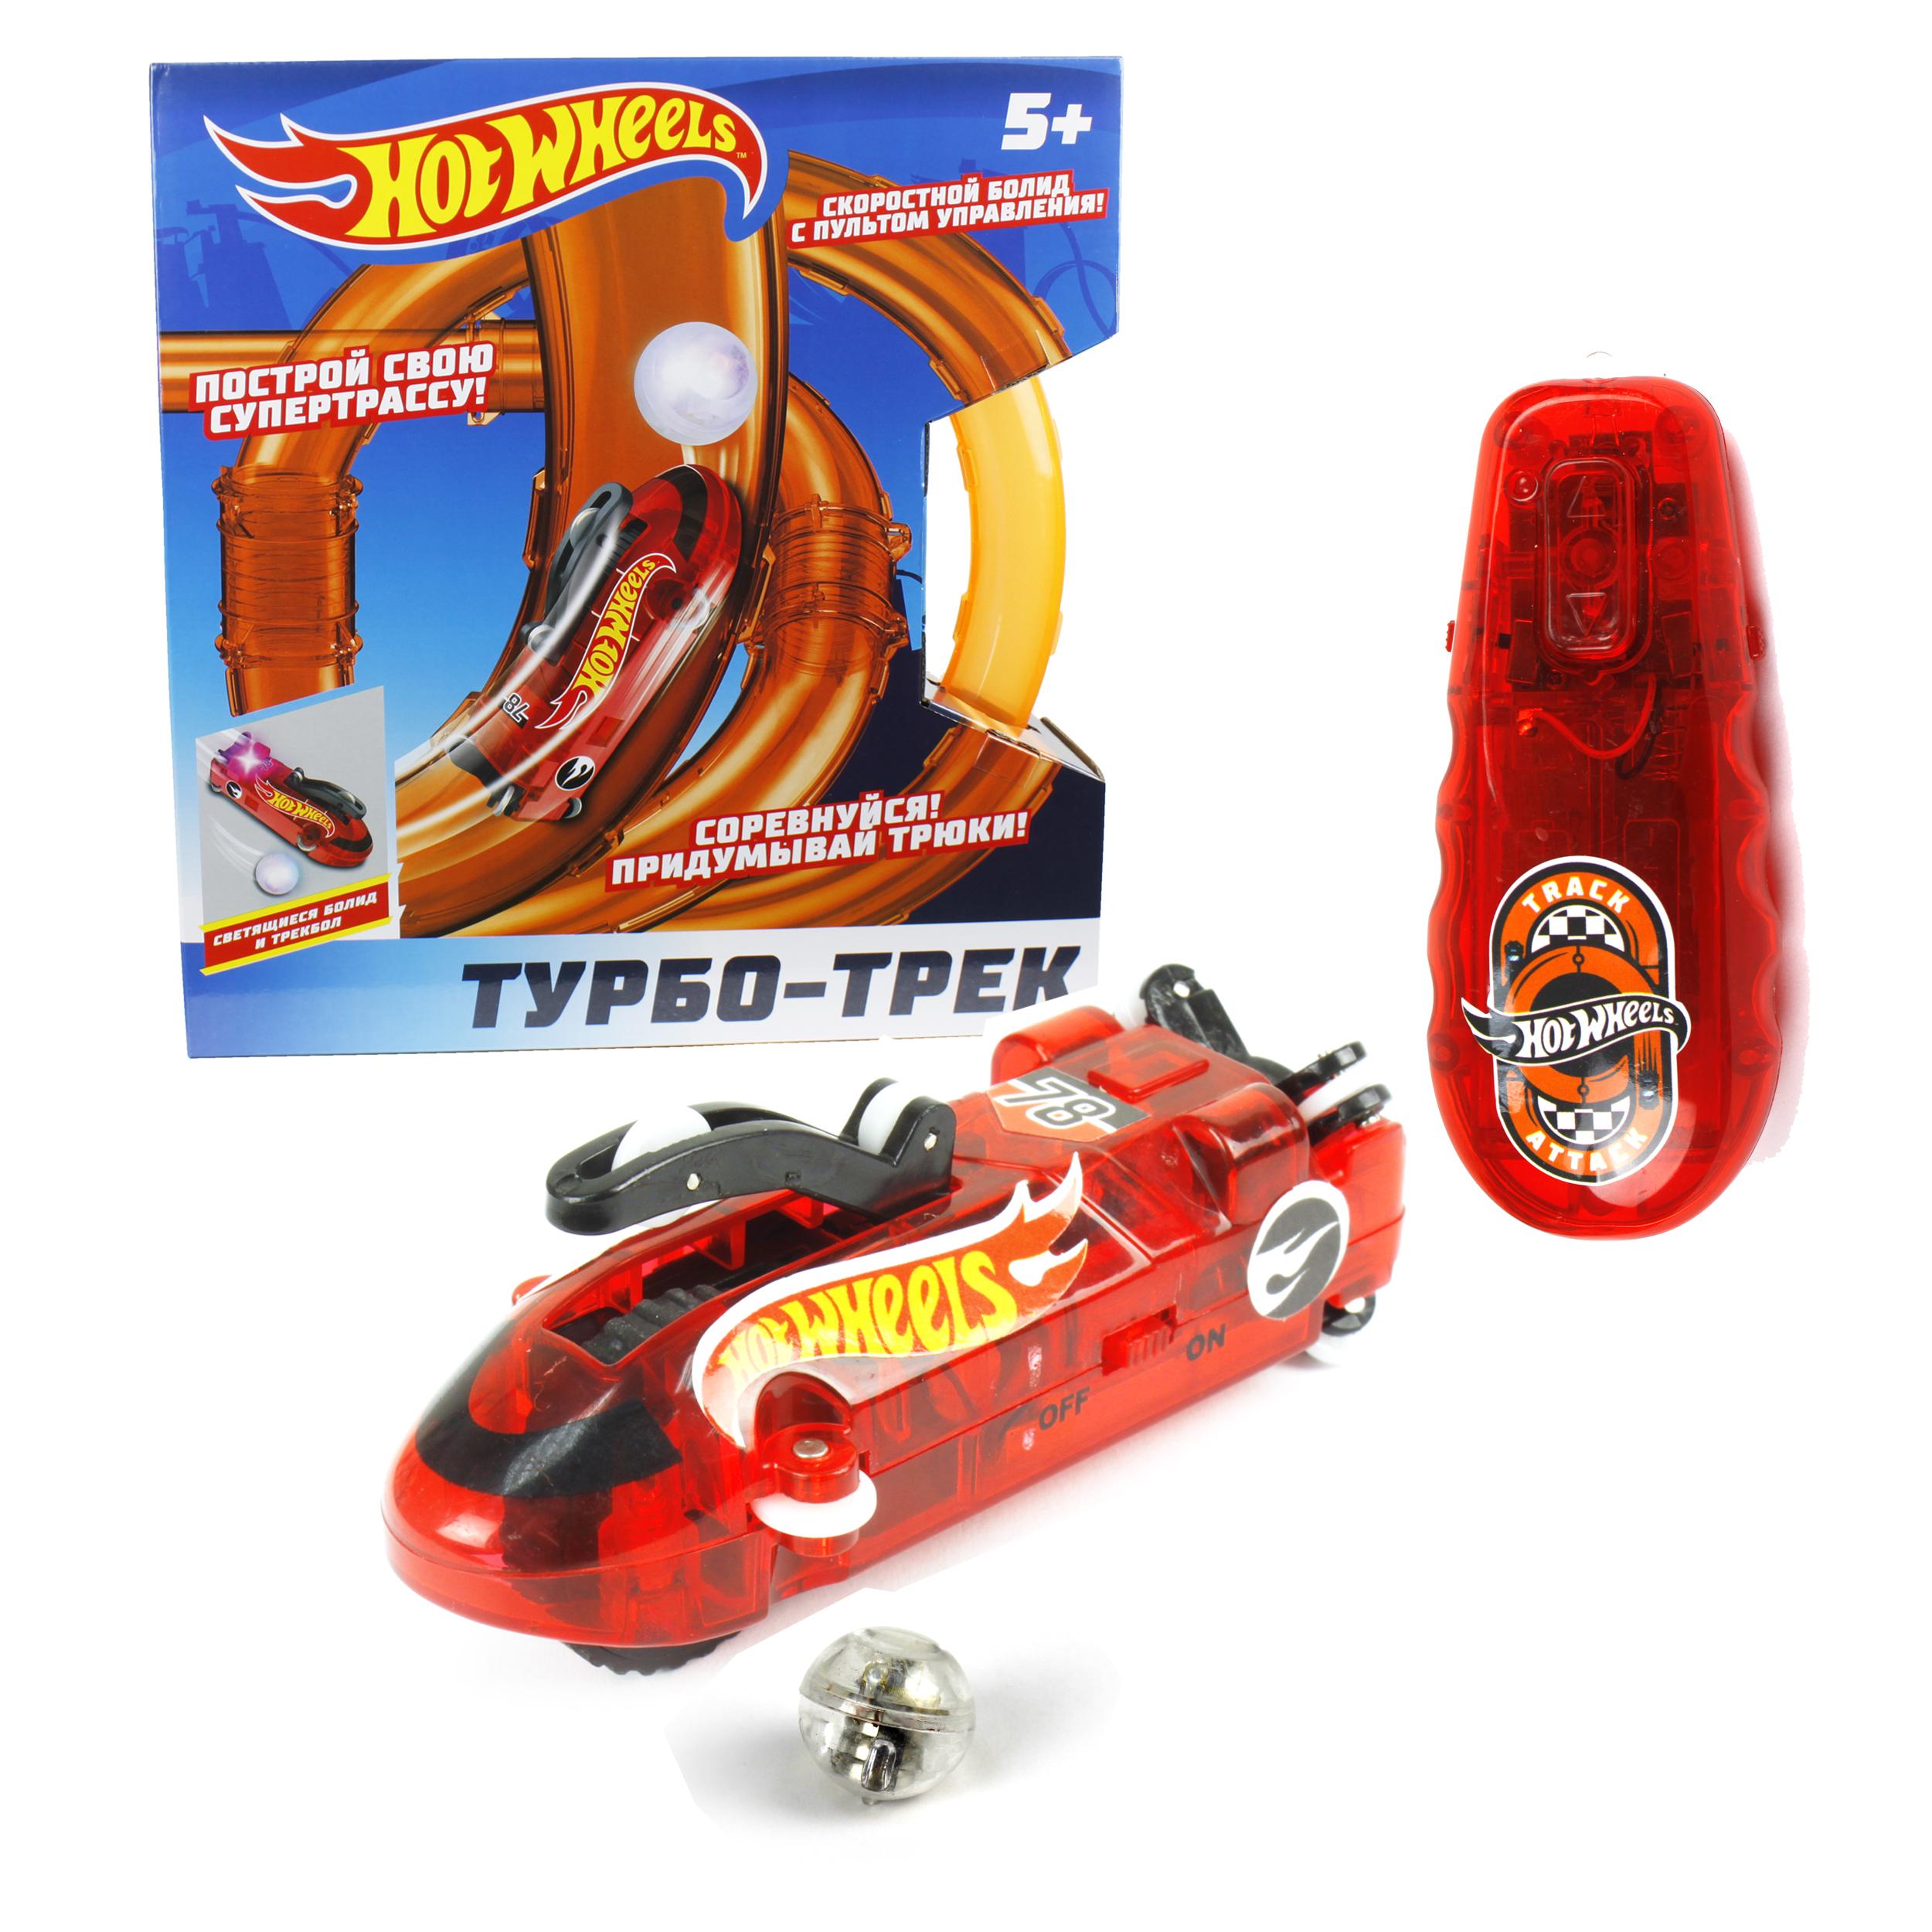 Игровой набор Hot Wheels Турбо-трек набор игровой для мальчика poli средний трек с умной машинкой